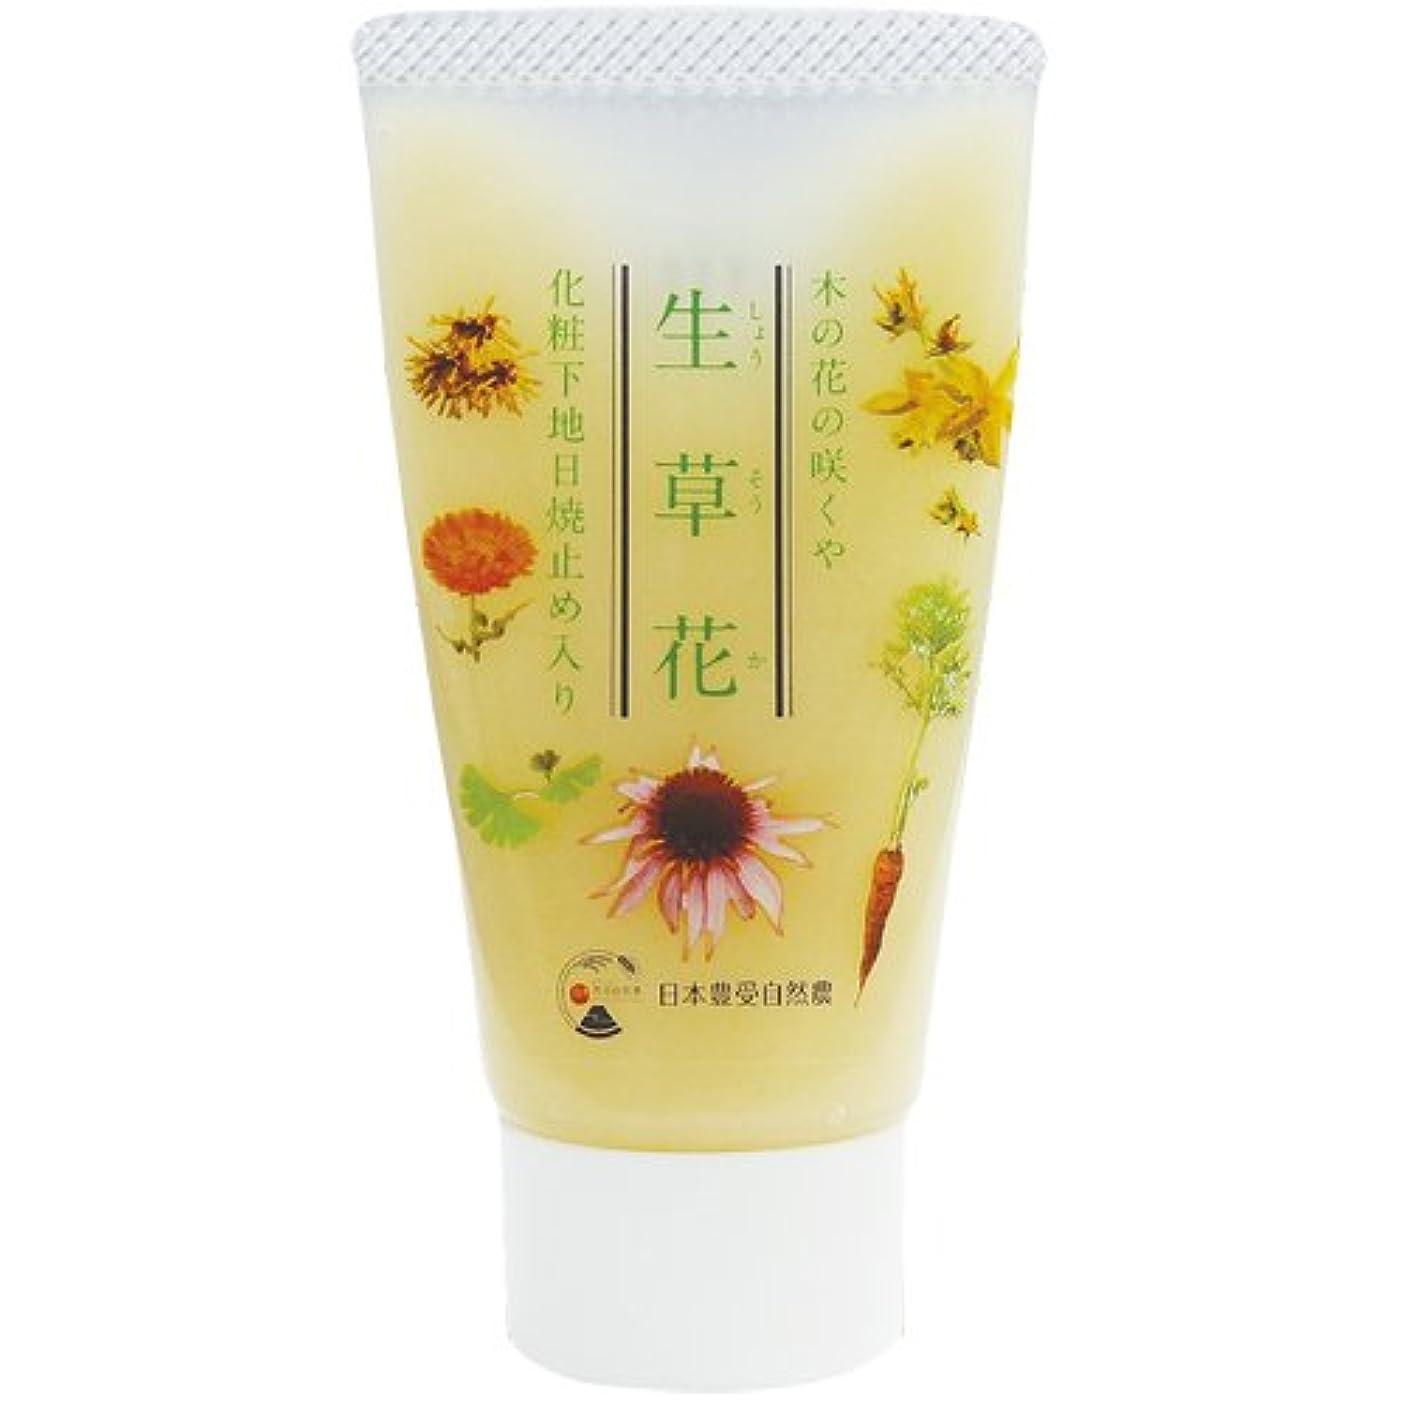 計画才能のあるハグ日本豊受自然農 木の花の咲くや 生草花 化粧下地 日焼け止め入り 30g